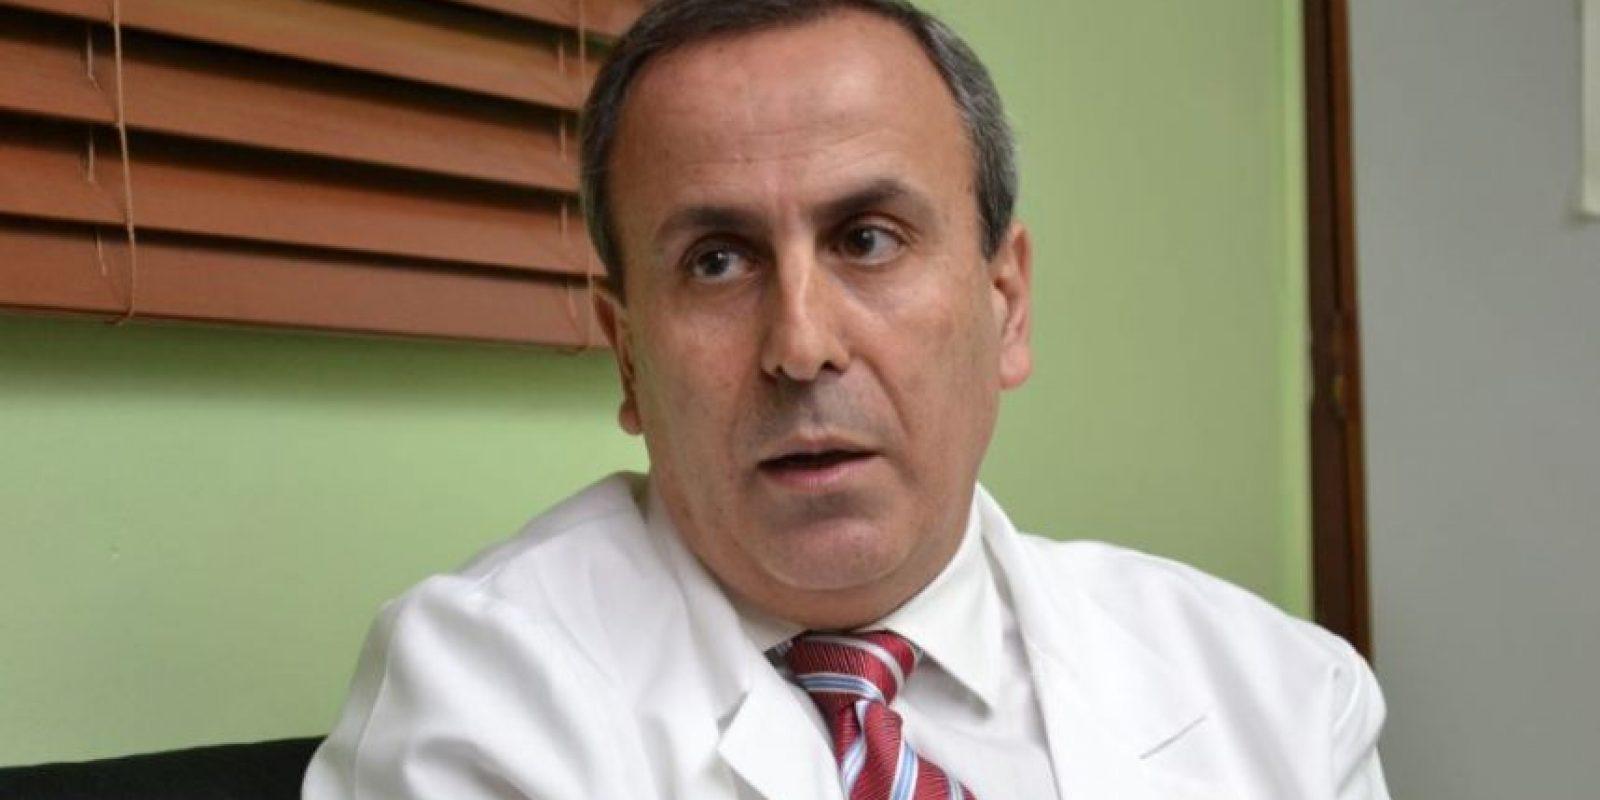 Doctor Ammar IbrahimDirector general del Instituto Nacional de Diabetes, Endocrinología y Nutrición (INDEN). Foto:Mario de Peña